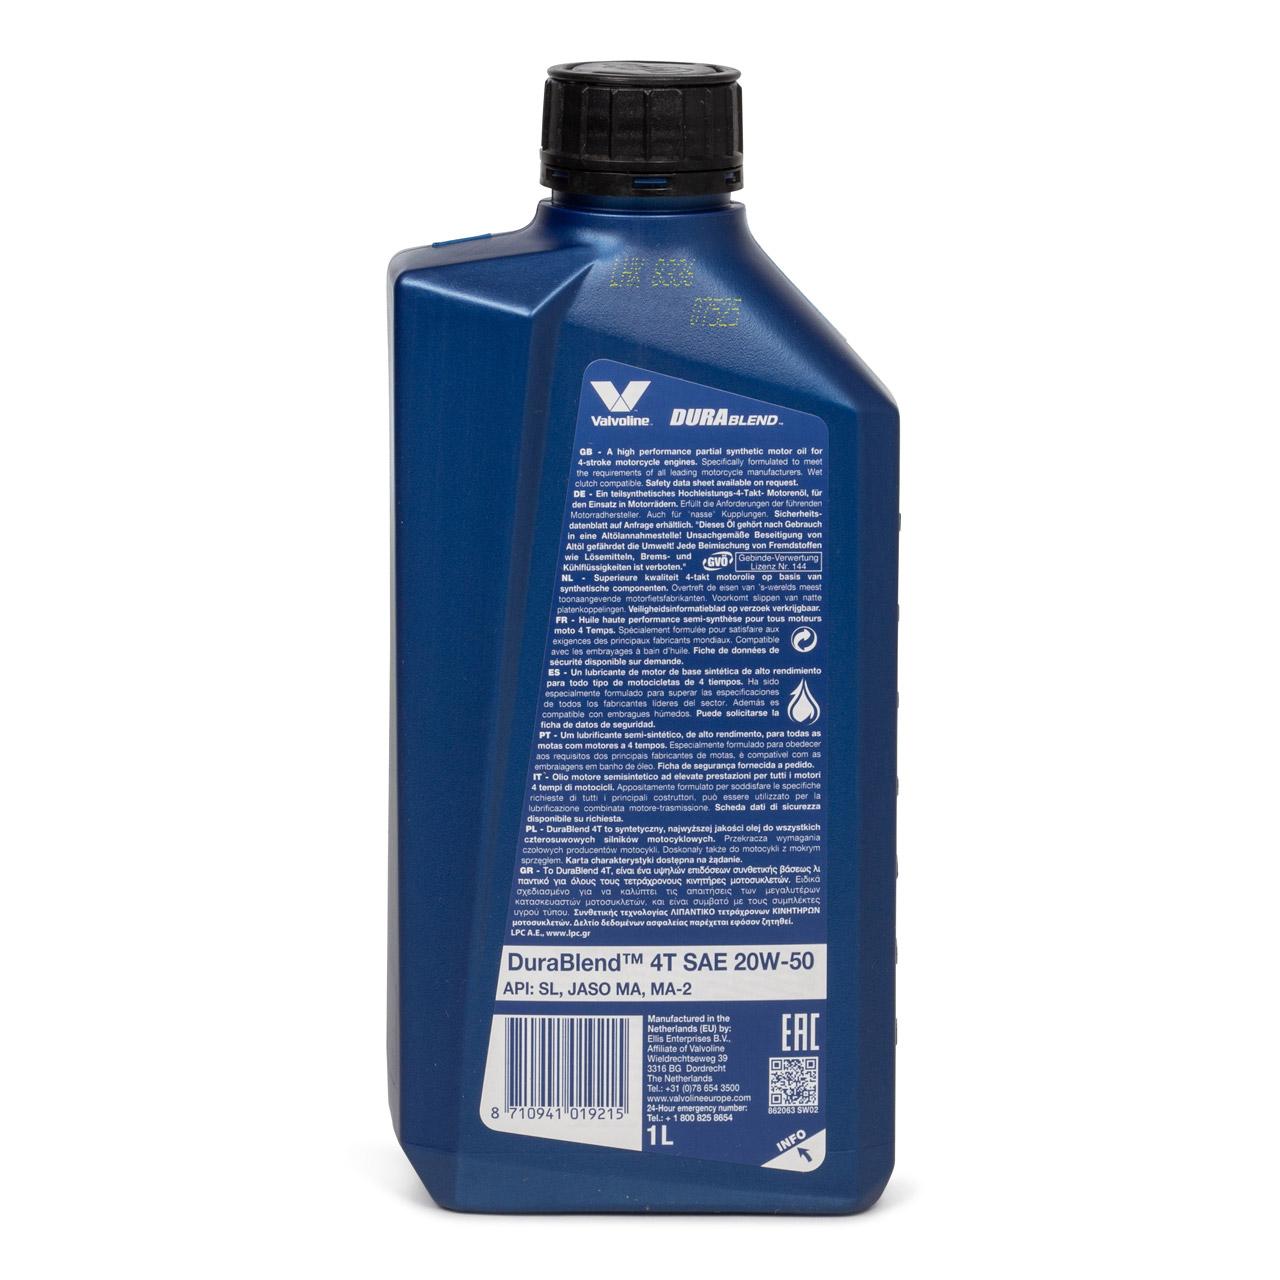 VALVOLINE Motoröl ÖL DURABLEND 4T 20W-50 20W50 4-TAKT MOTORRAD - 1L 1 Liter